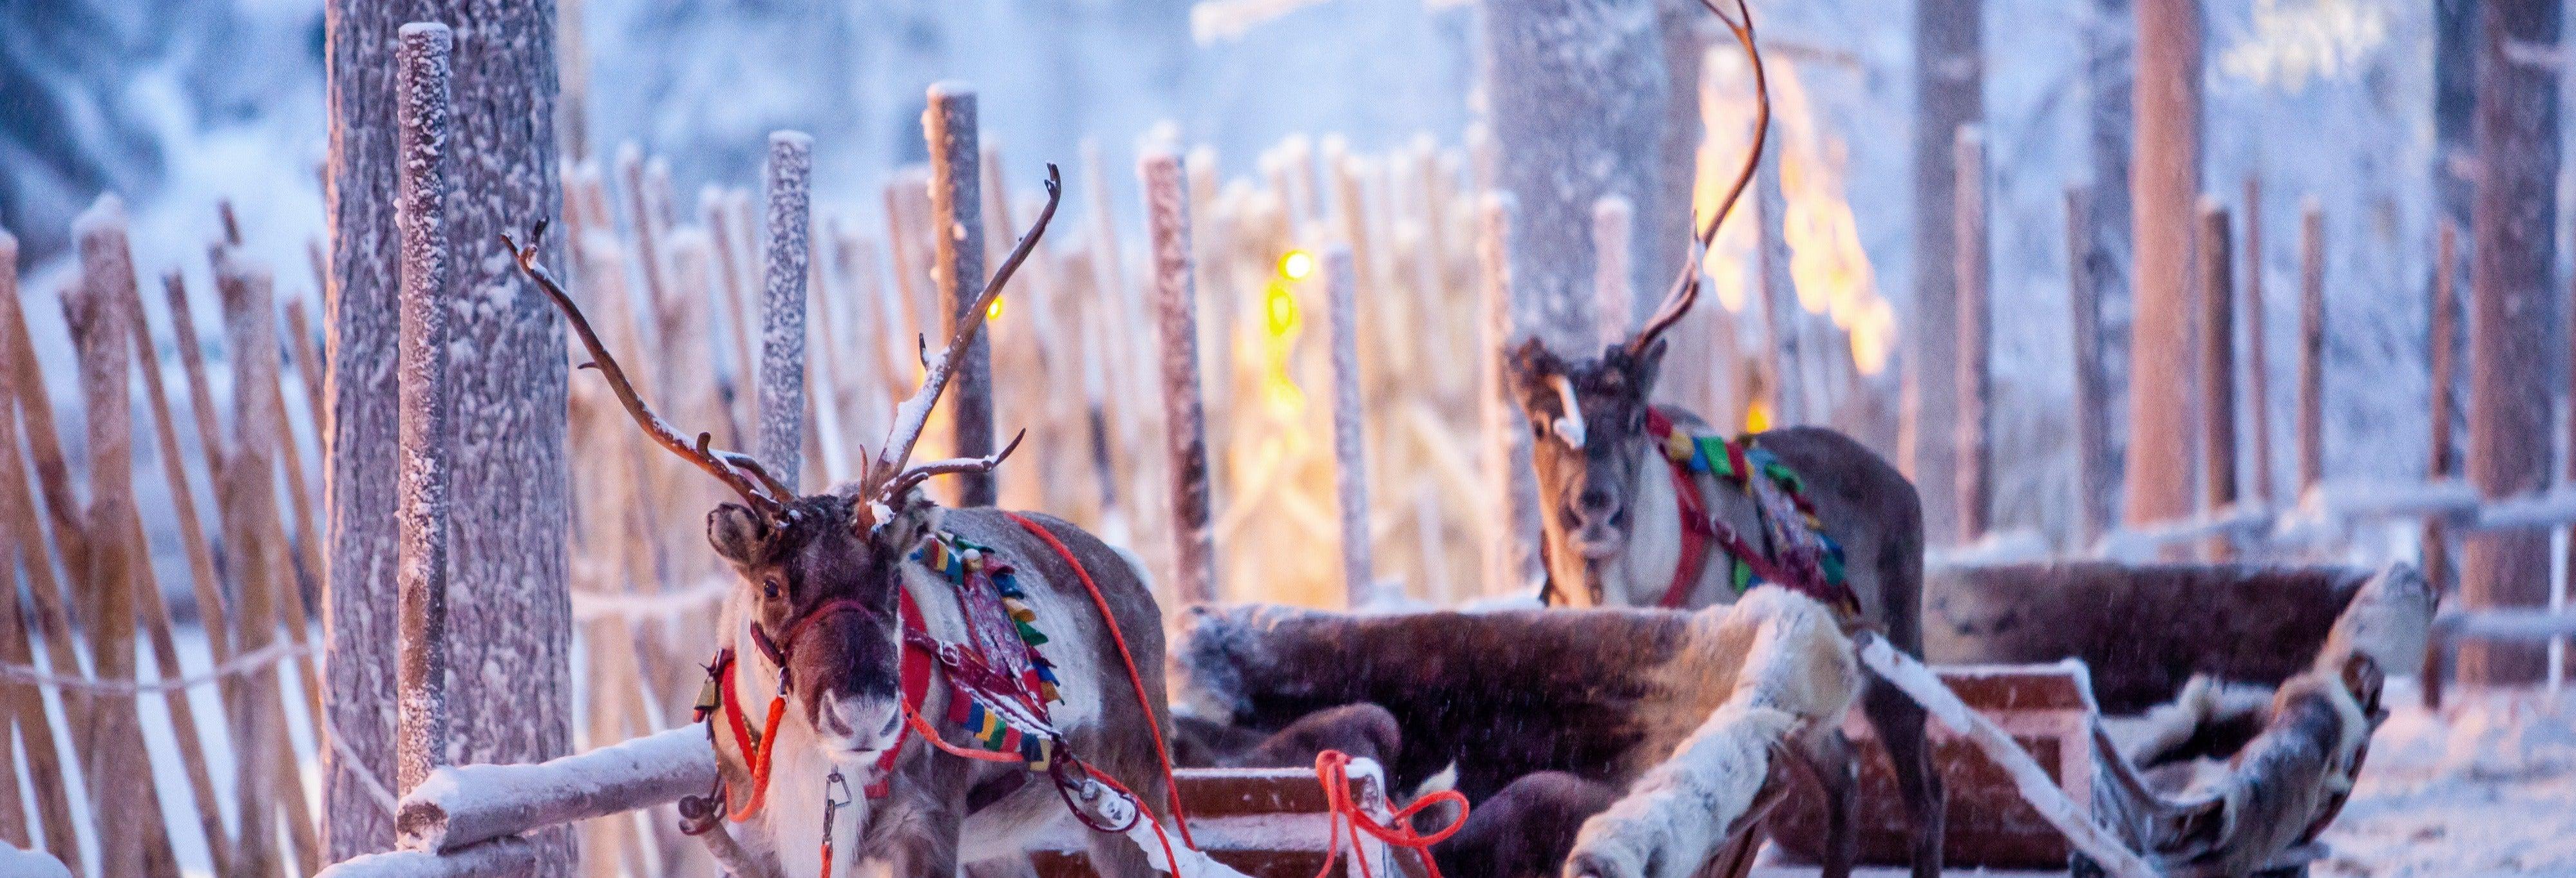 Giro in slitta trainata da renne a Rovaniemi